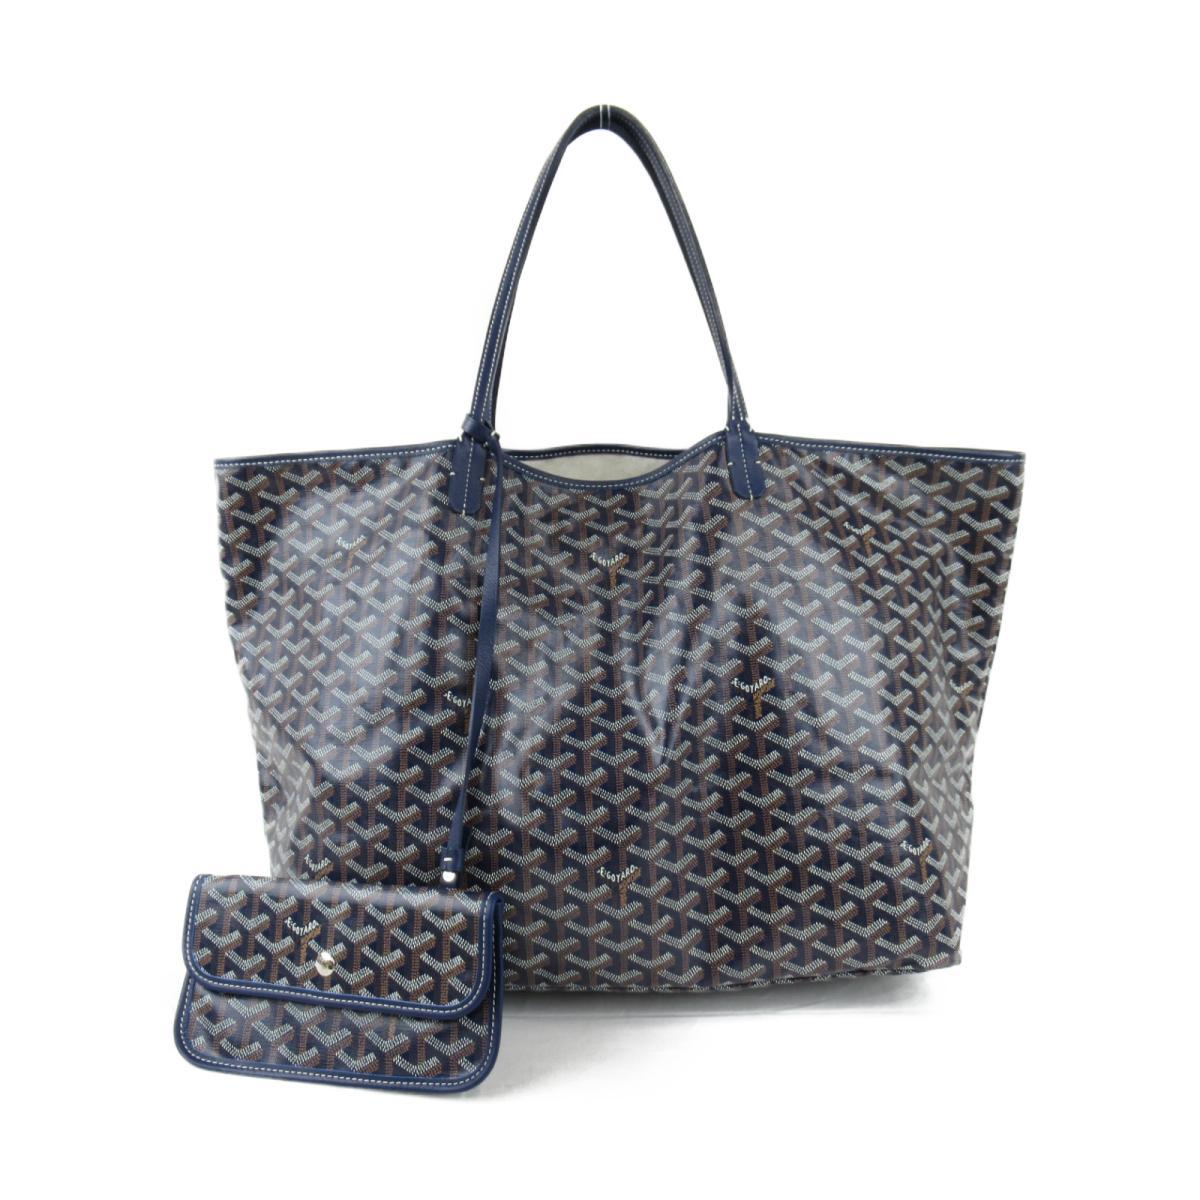 【中古】ゴヤール サンルイGM トートバッグ バッグ ユニセックス コーティングキャンバスxレザー ブルー x ブラック (MAE020187)